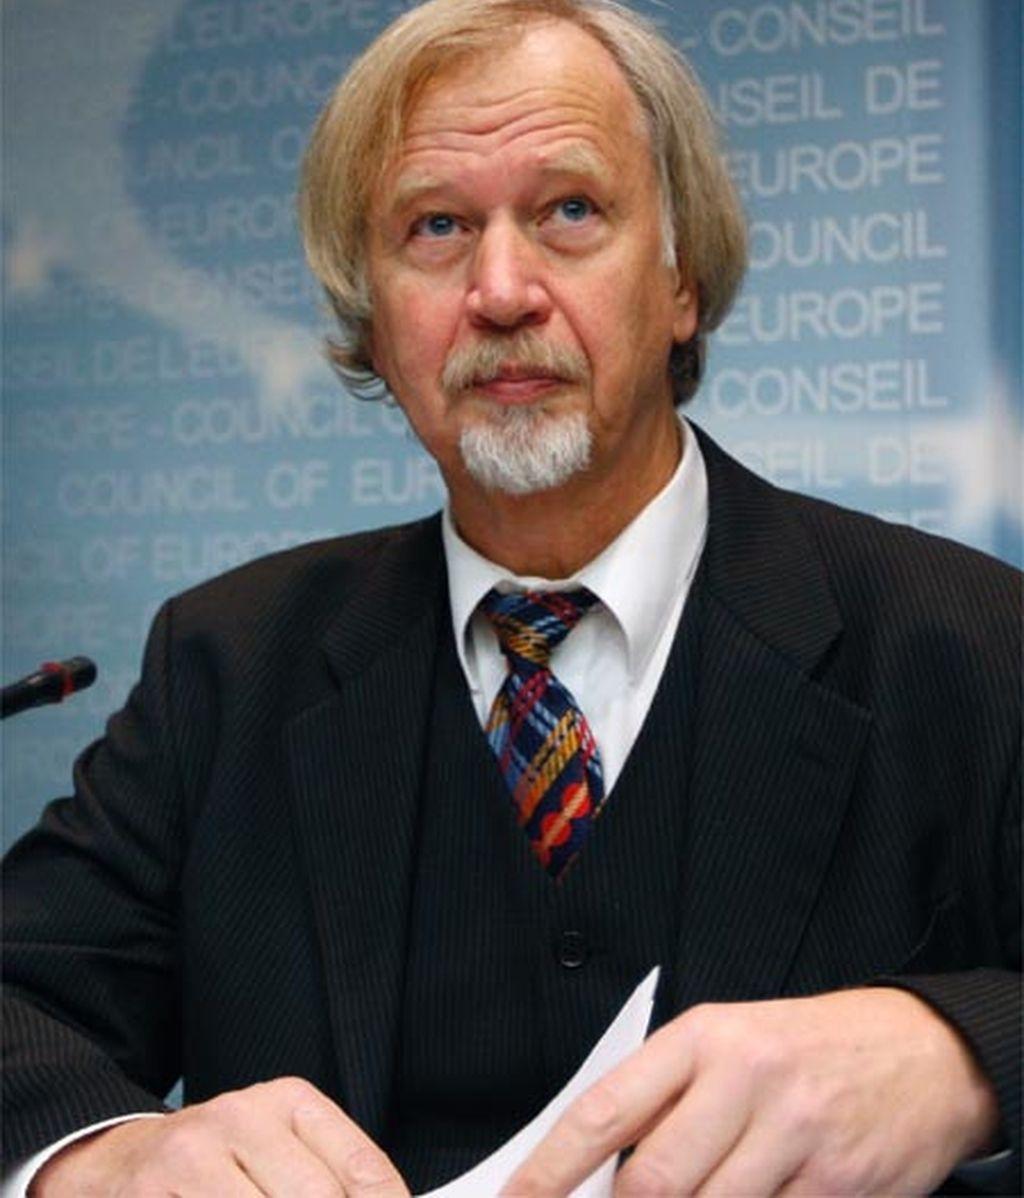 El máximo representante de la Comisión de Salud del Consejo de Europa, Wolfgang Wodarg